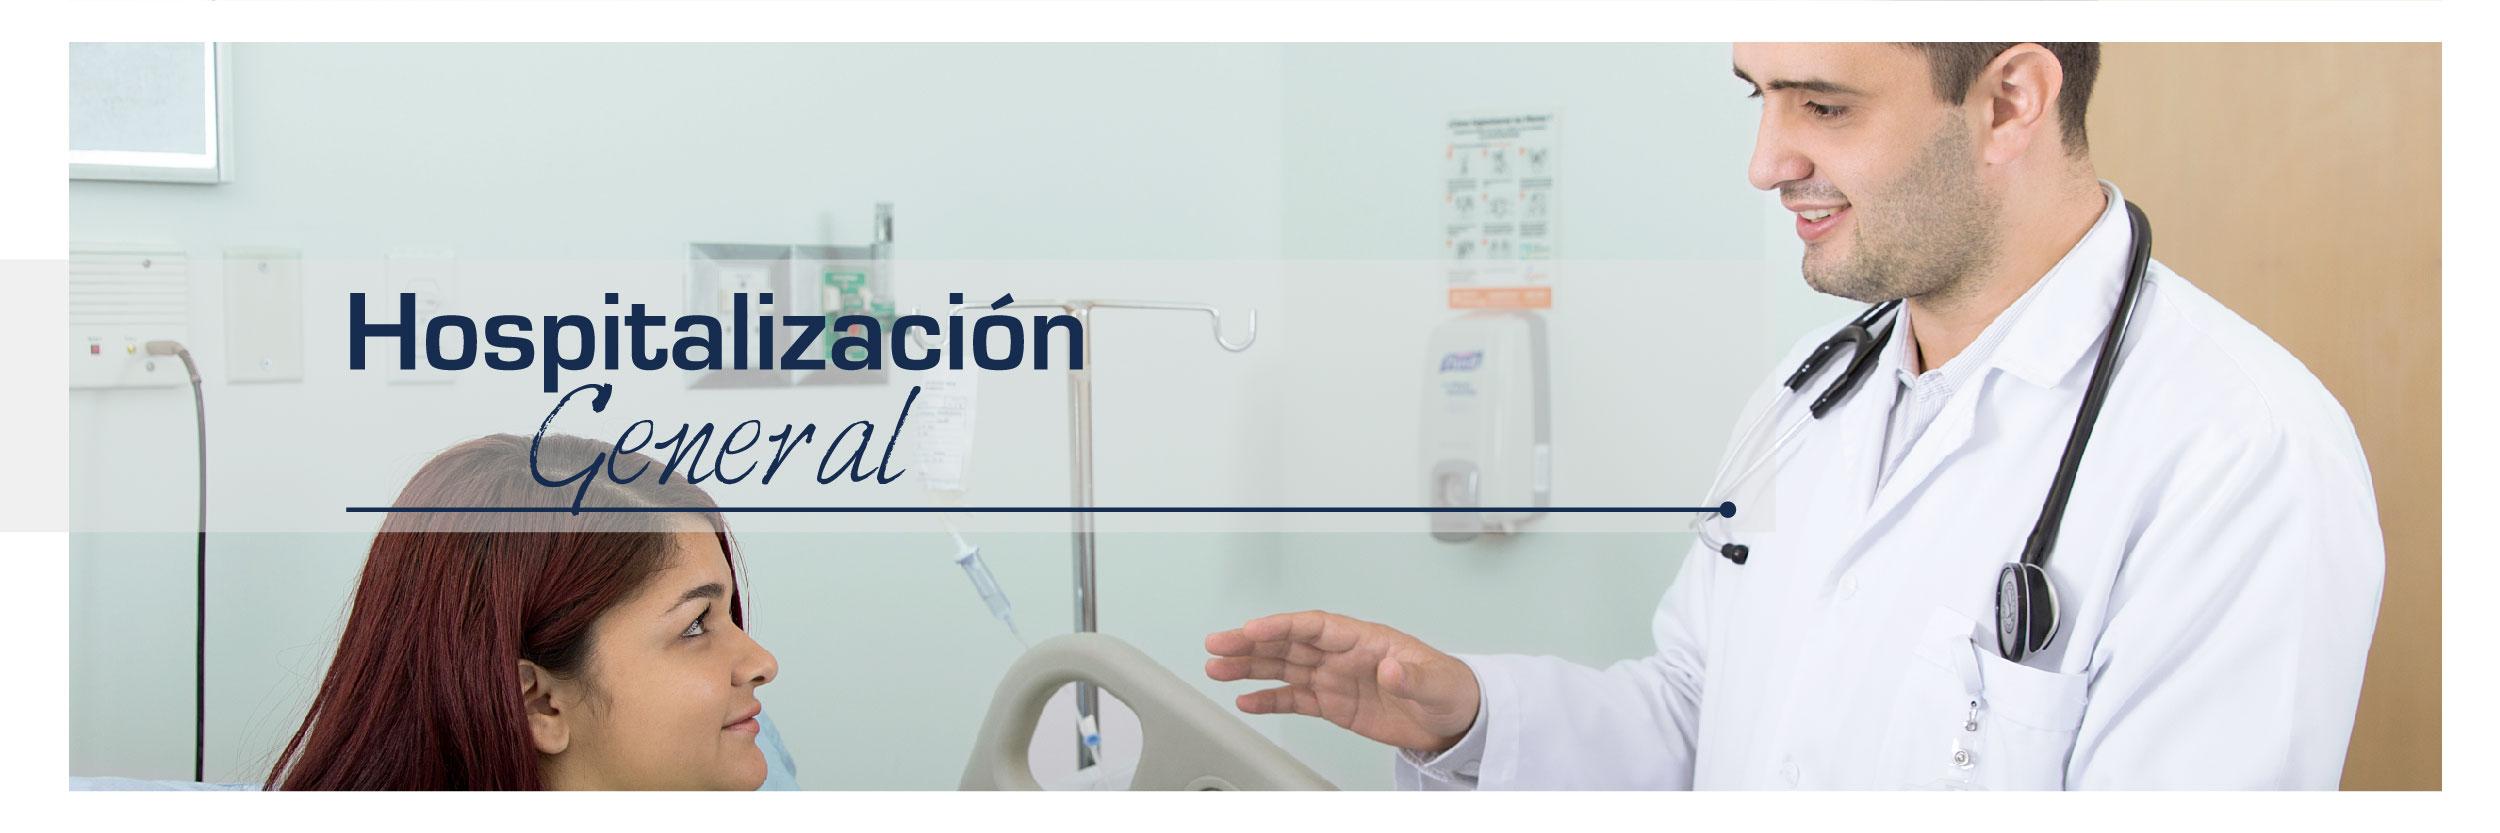 Hospitalización General